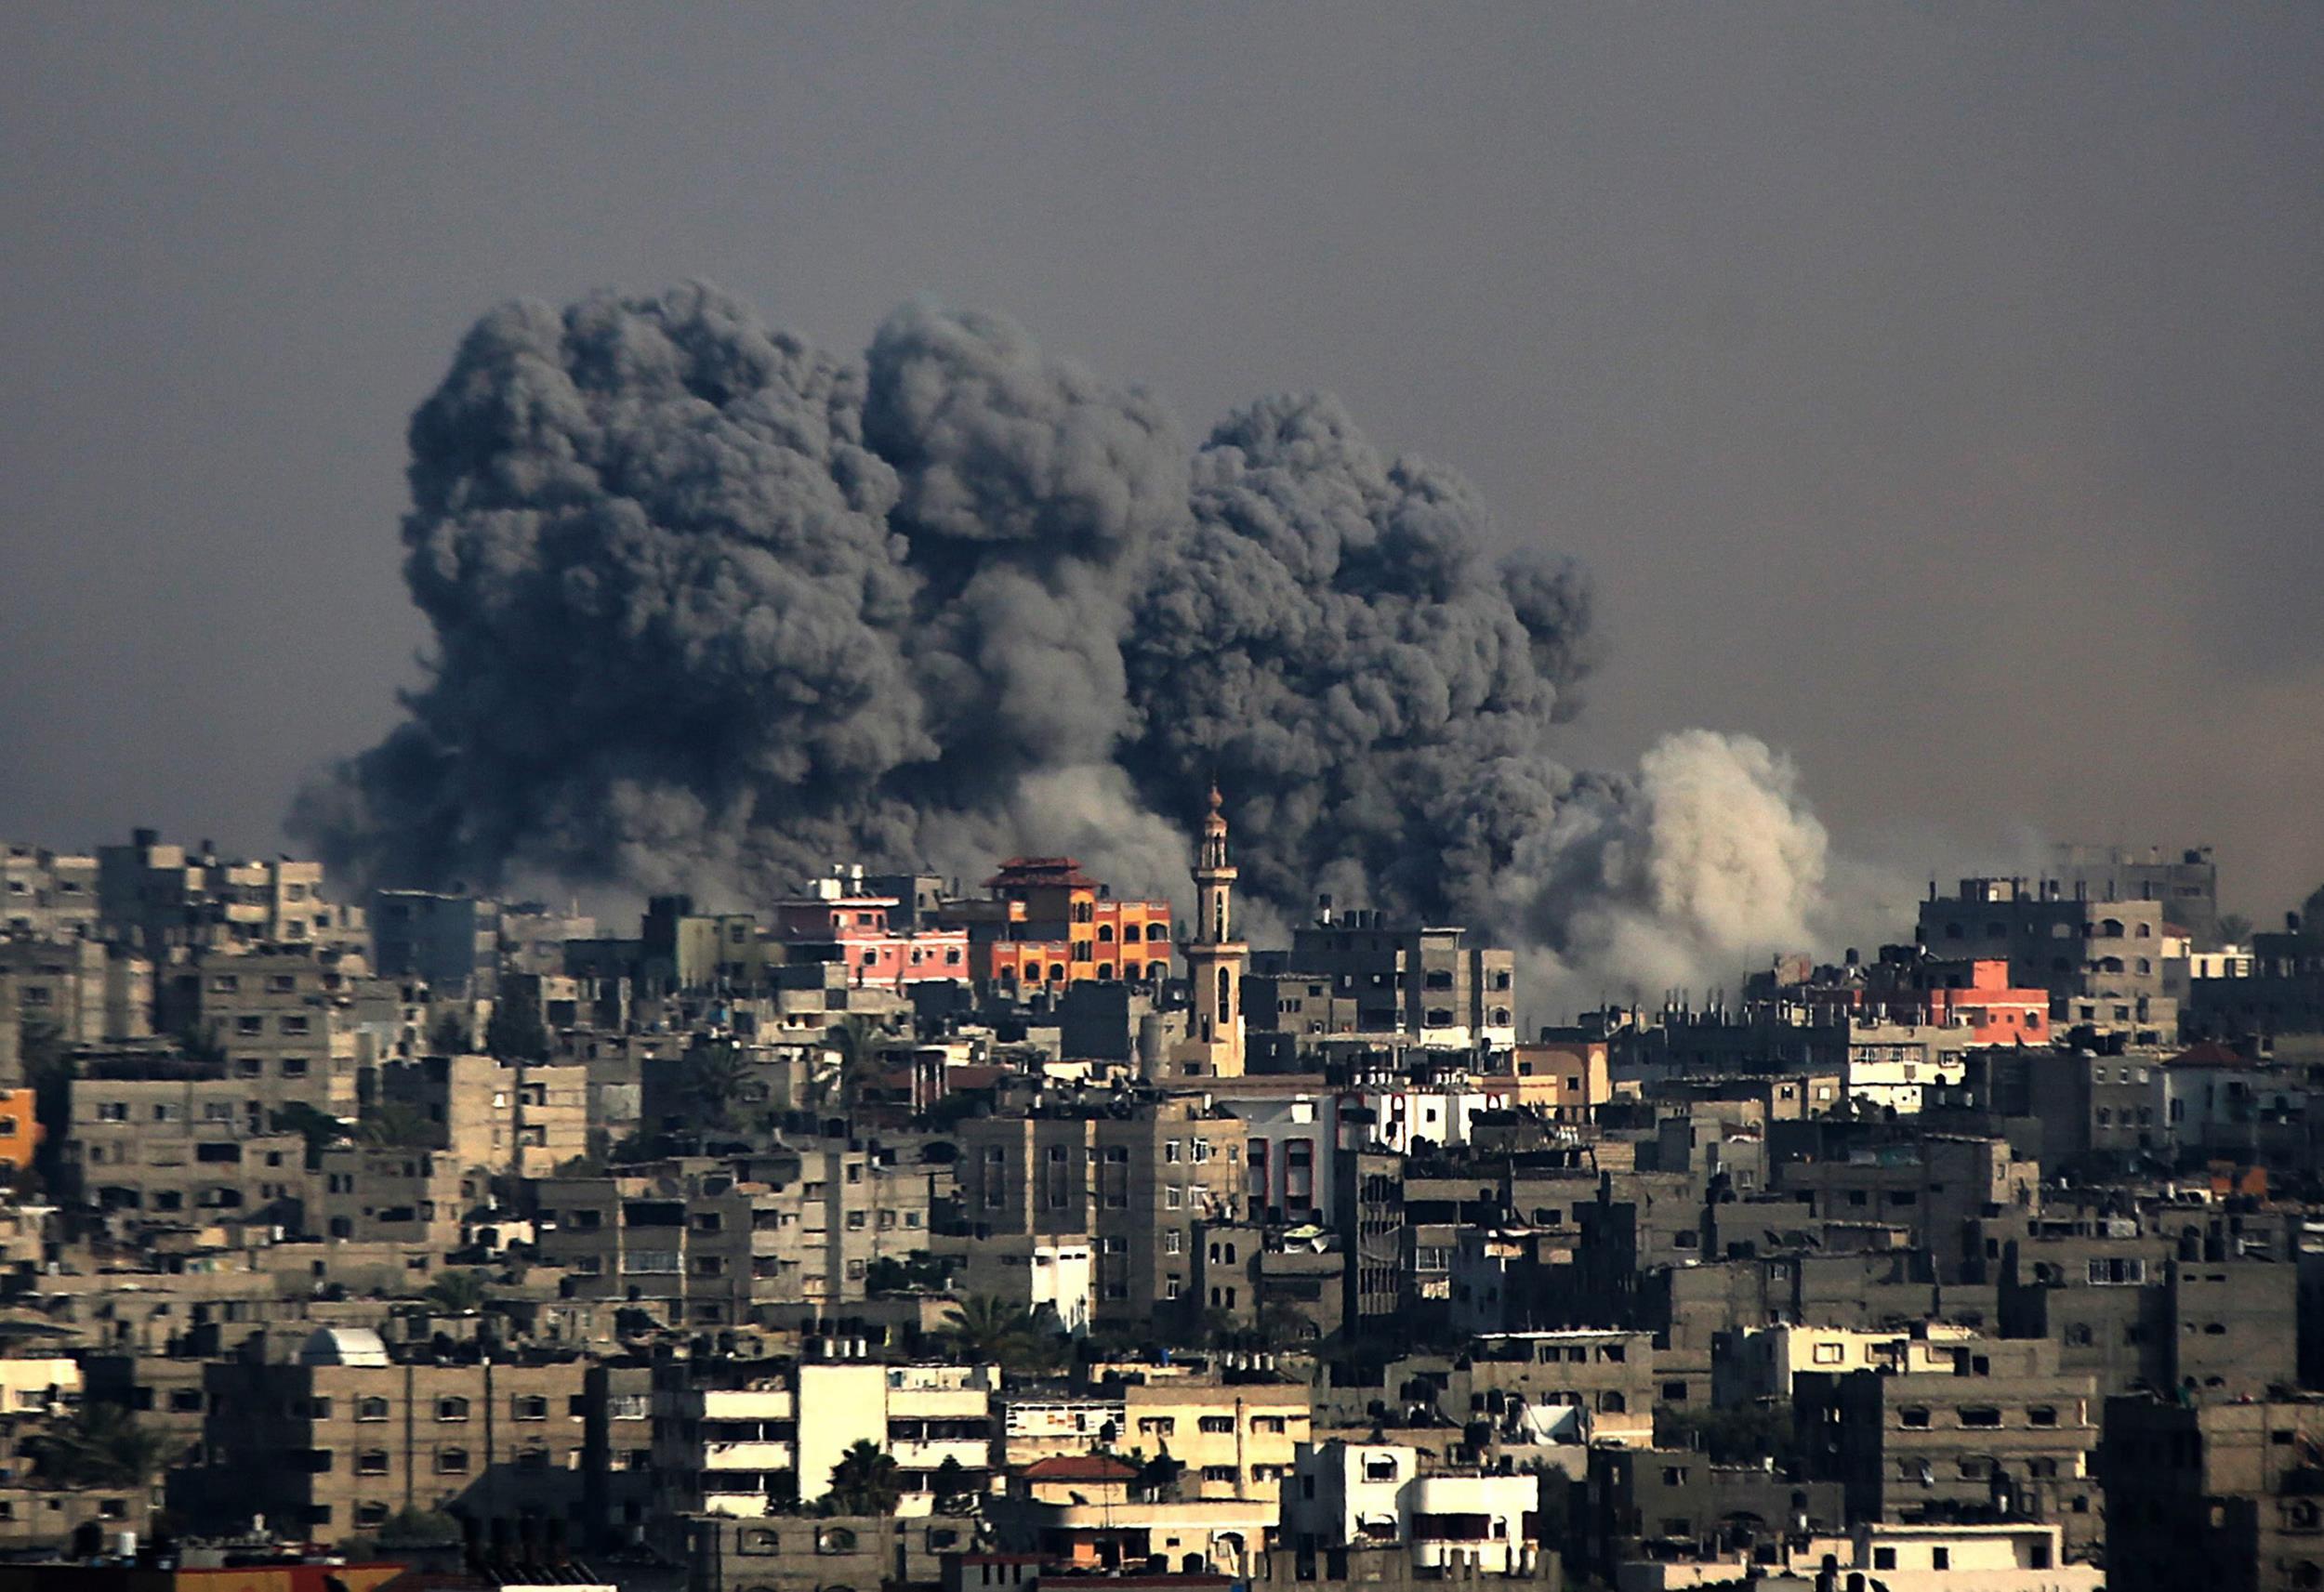 MINISTRO DE DEFENSA DE ISRAEL AMENAZA CON ELIMINACIÓN COMPLETA DE HAMÁS EN GAZA